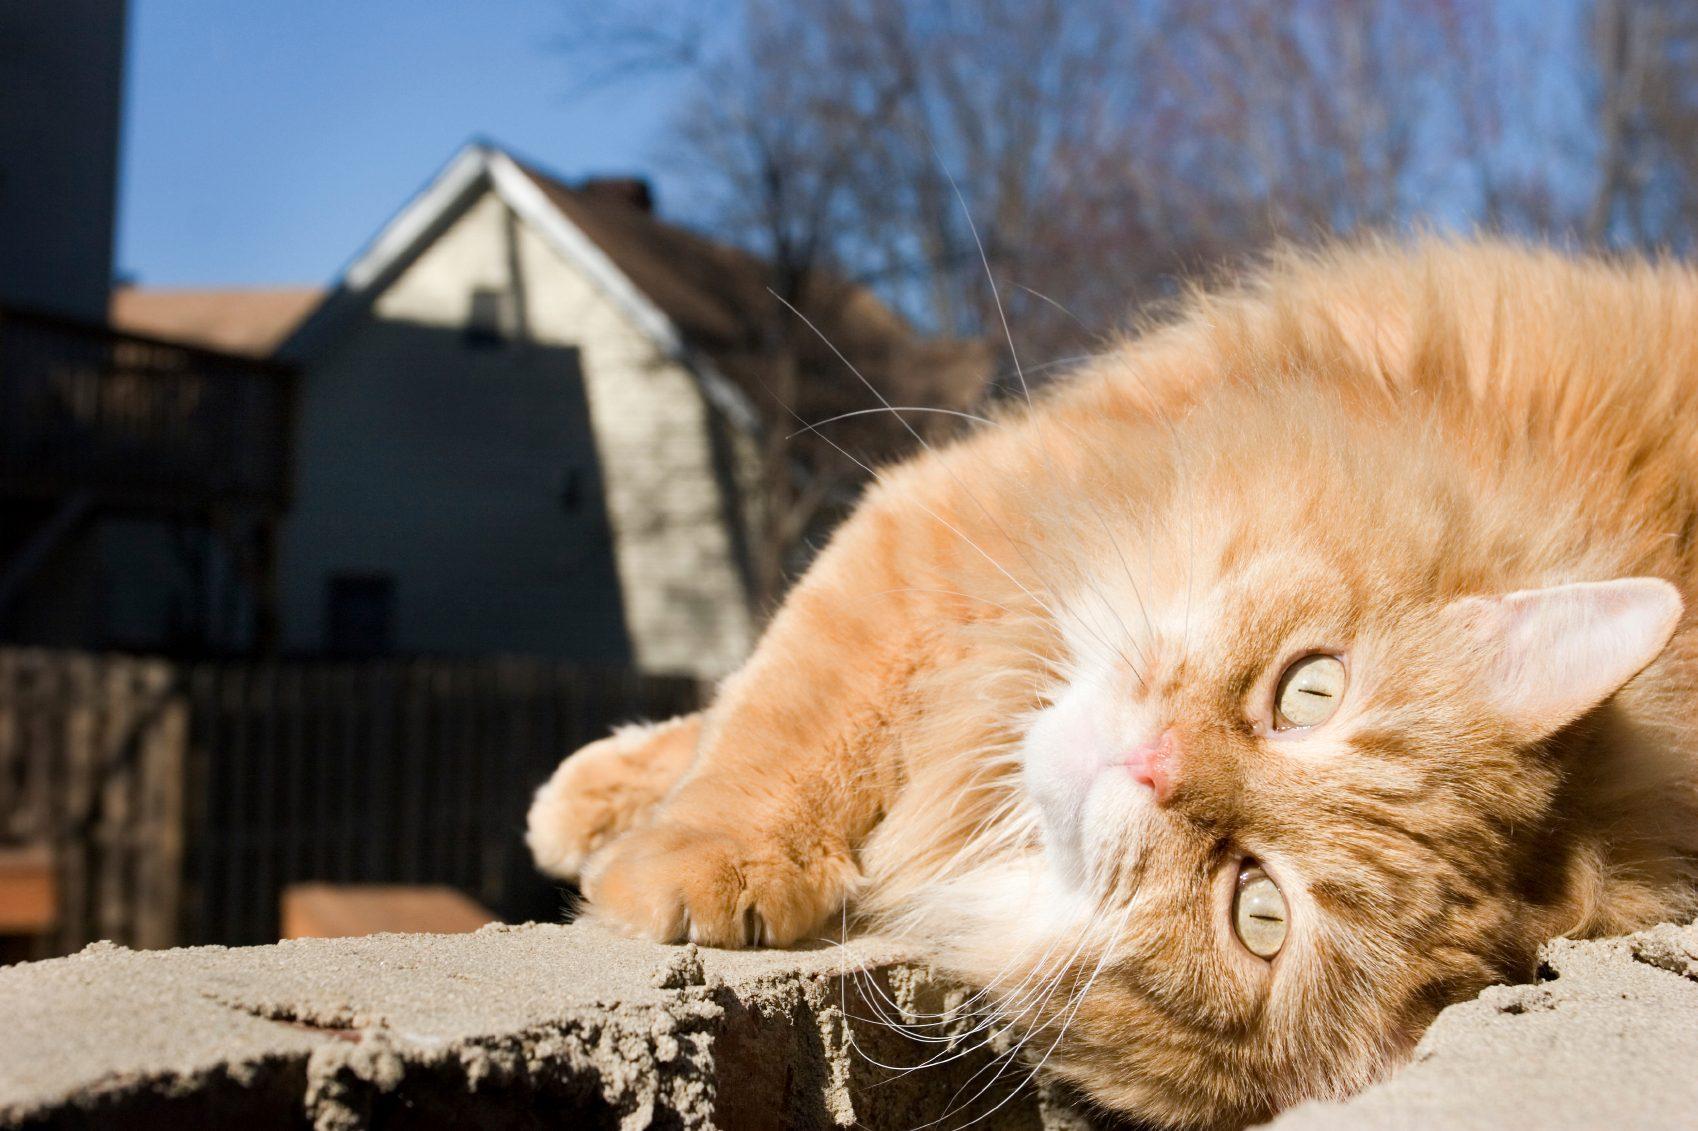 9. Les chats adorent le soleil